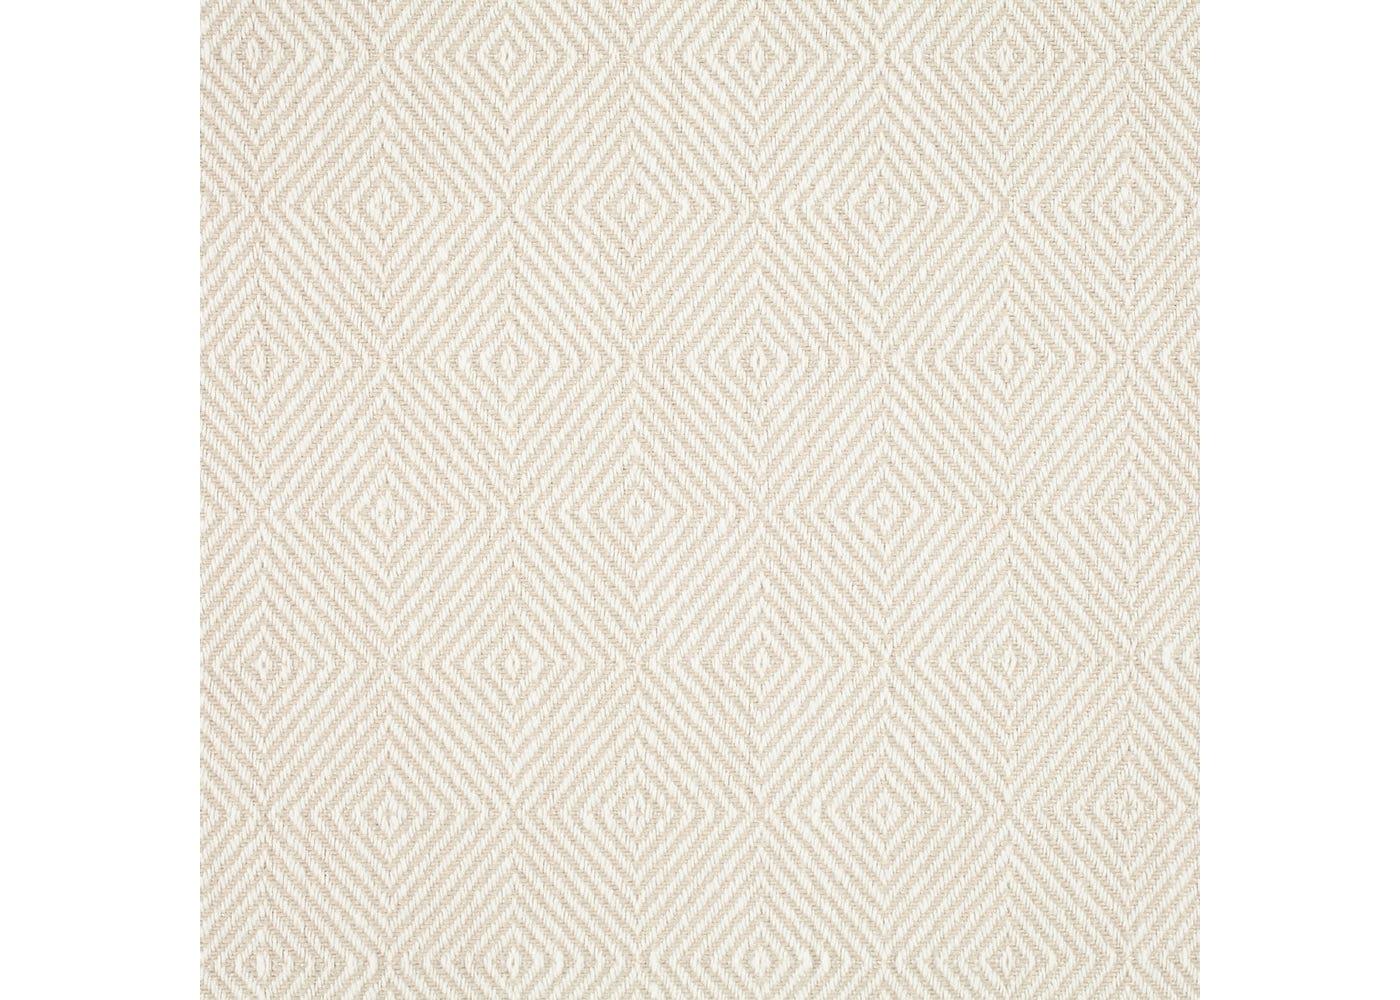 Cape plain ecru fabric